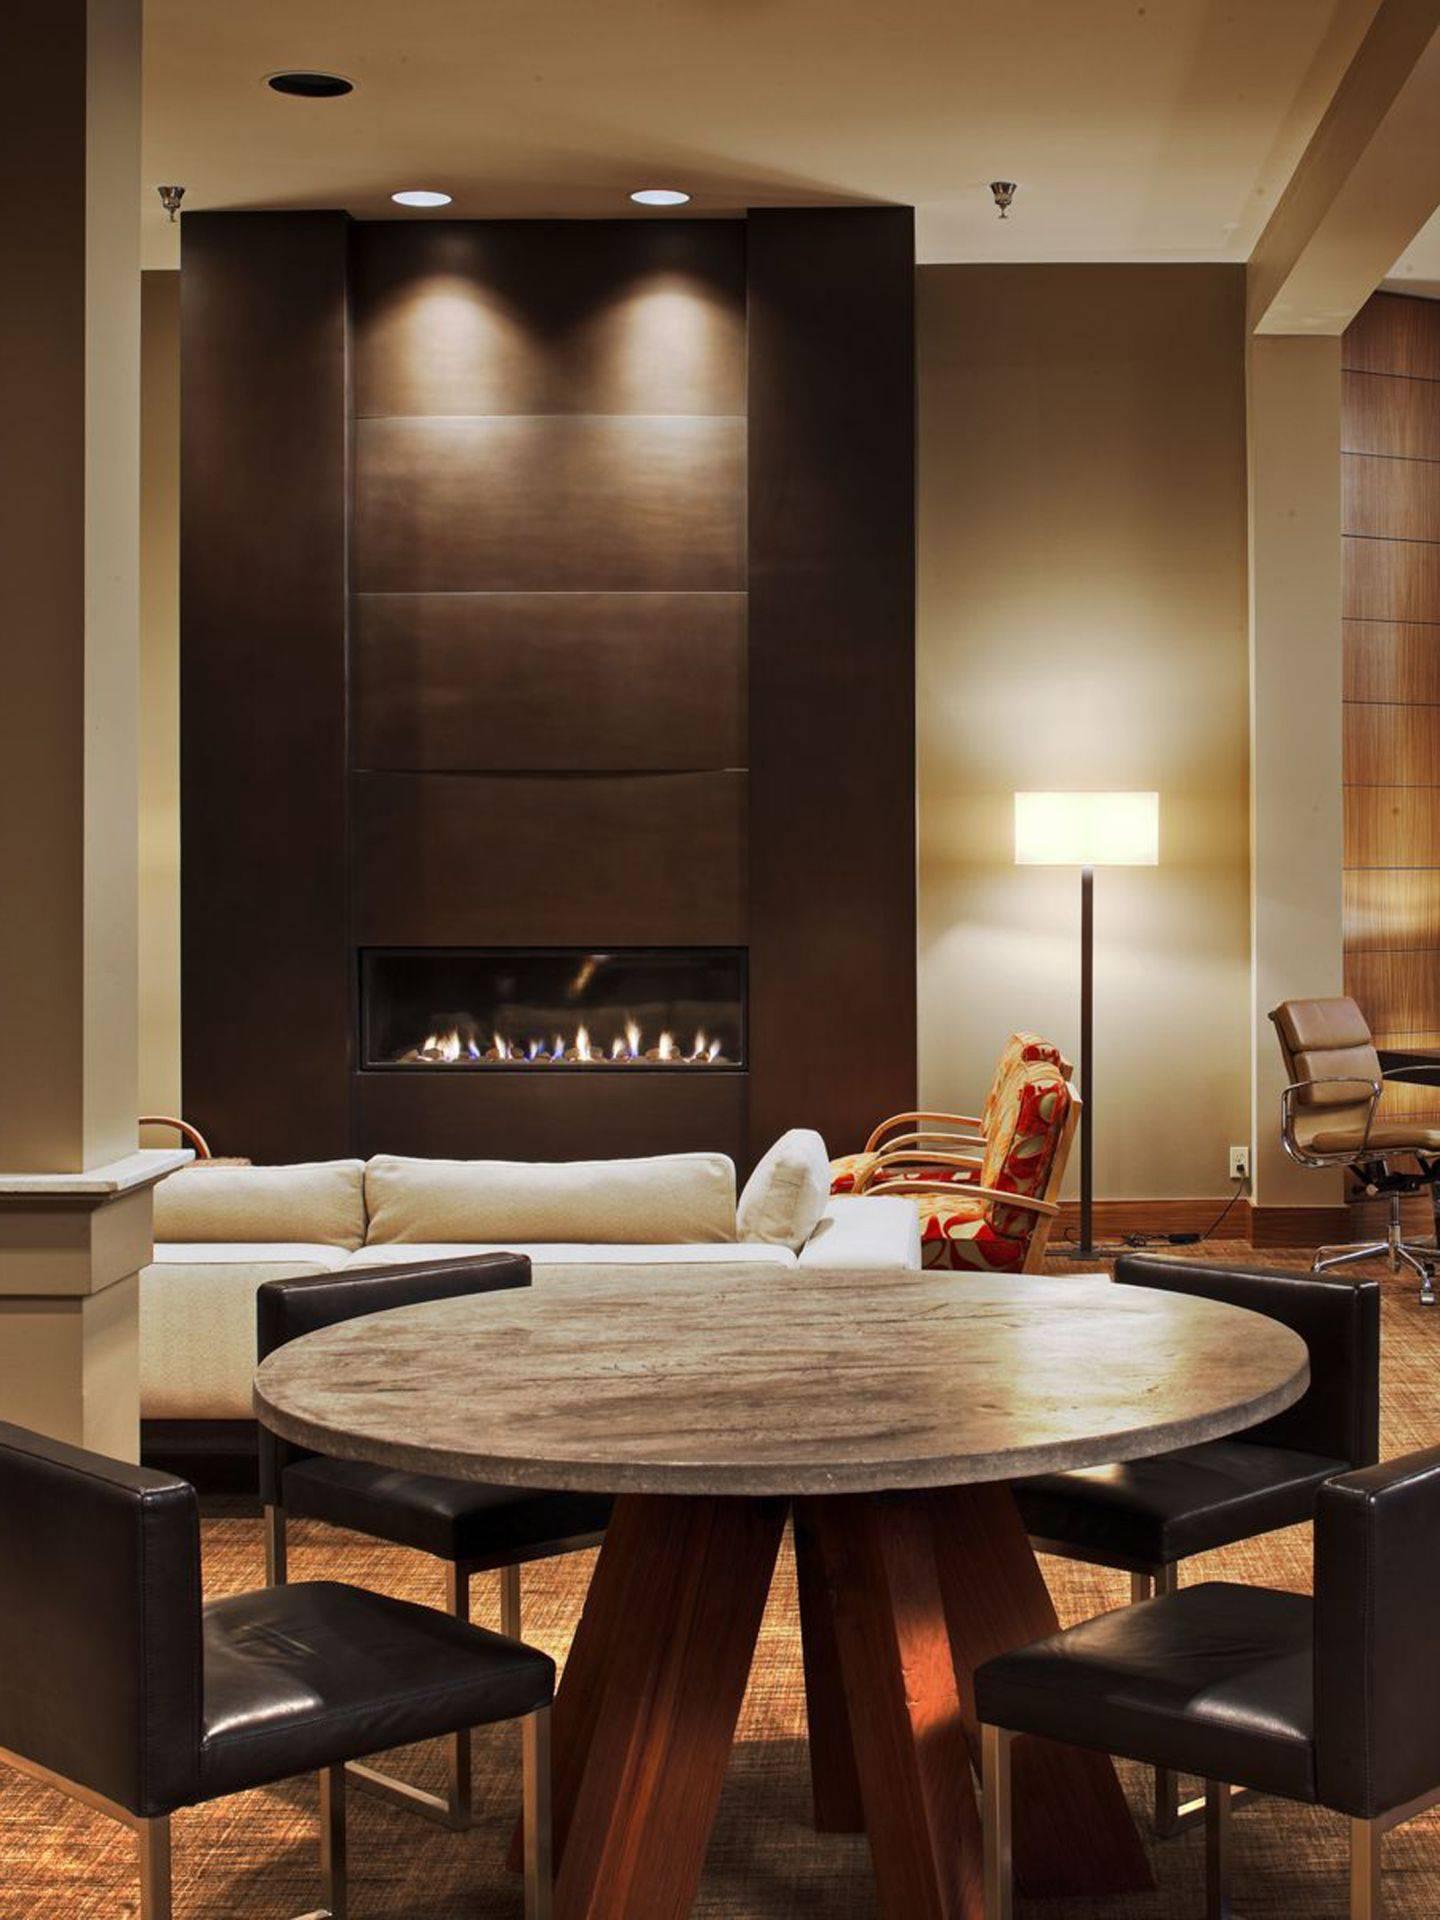 Шоколадные шторы: 50 воплощений в интерьере - арт интерьер